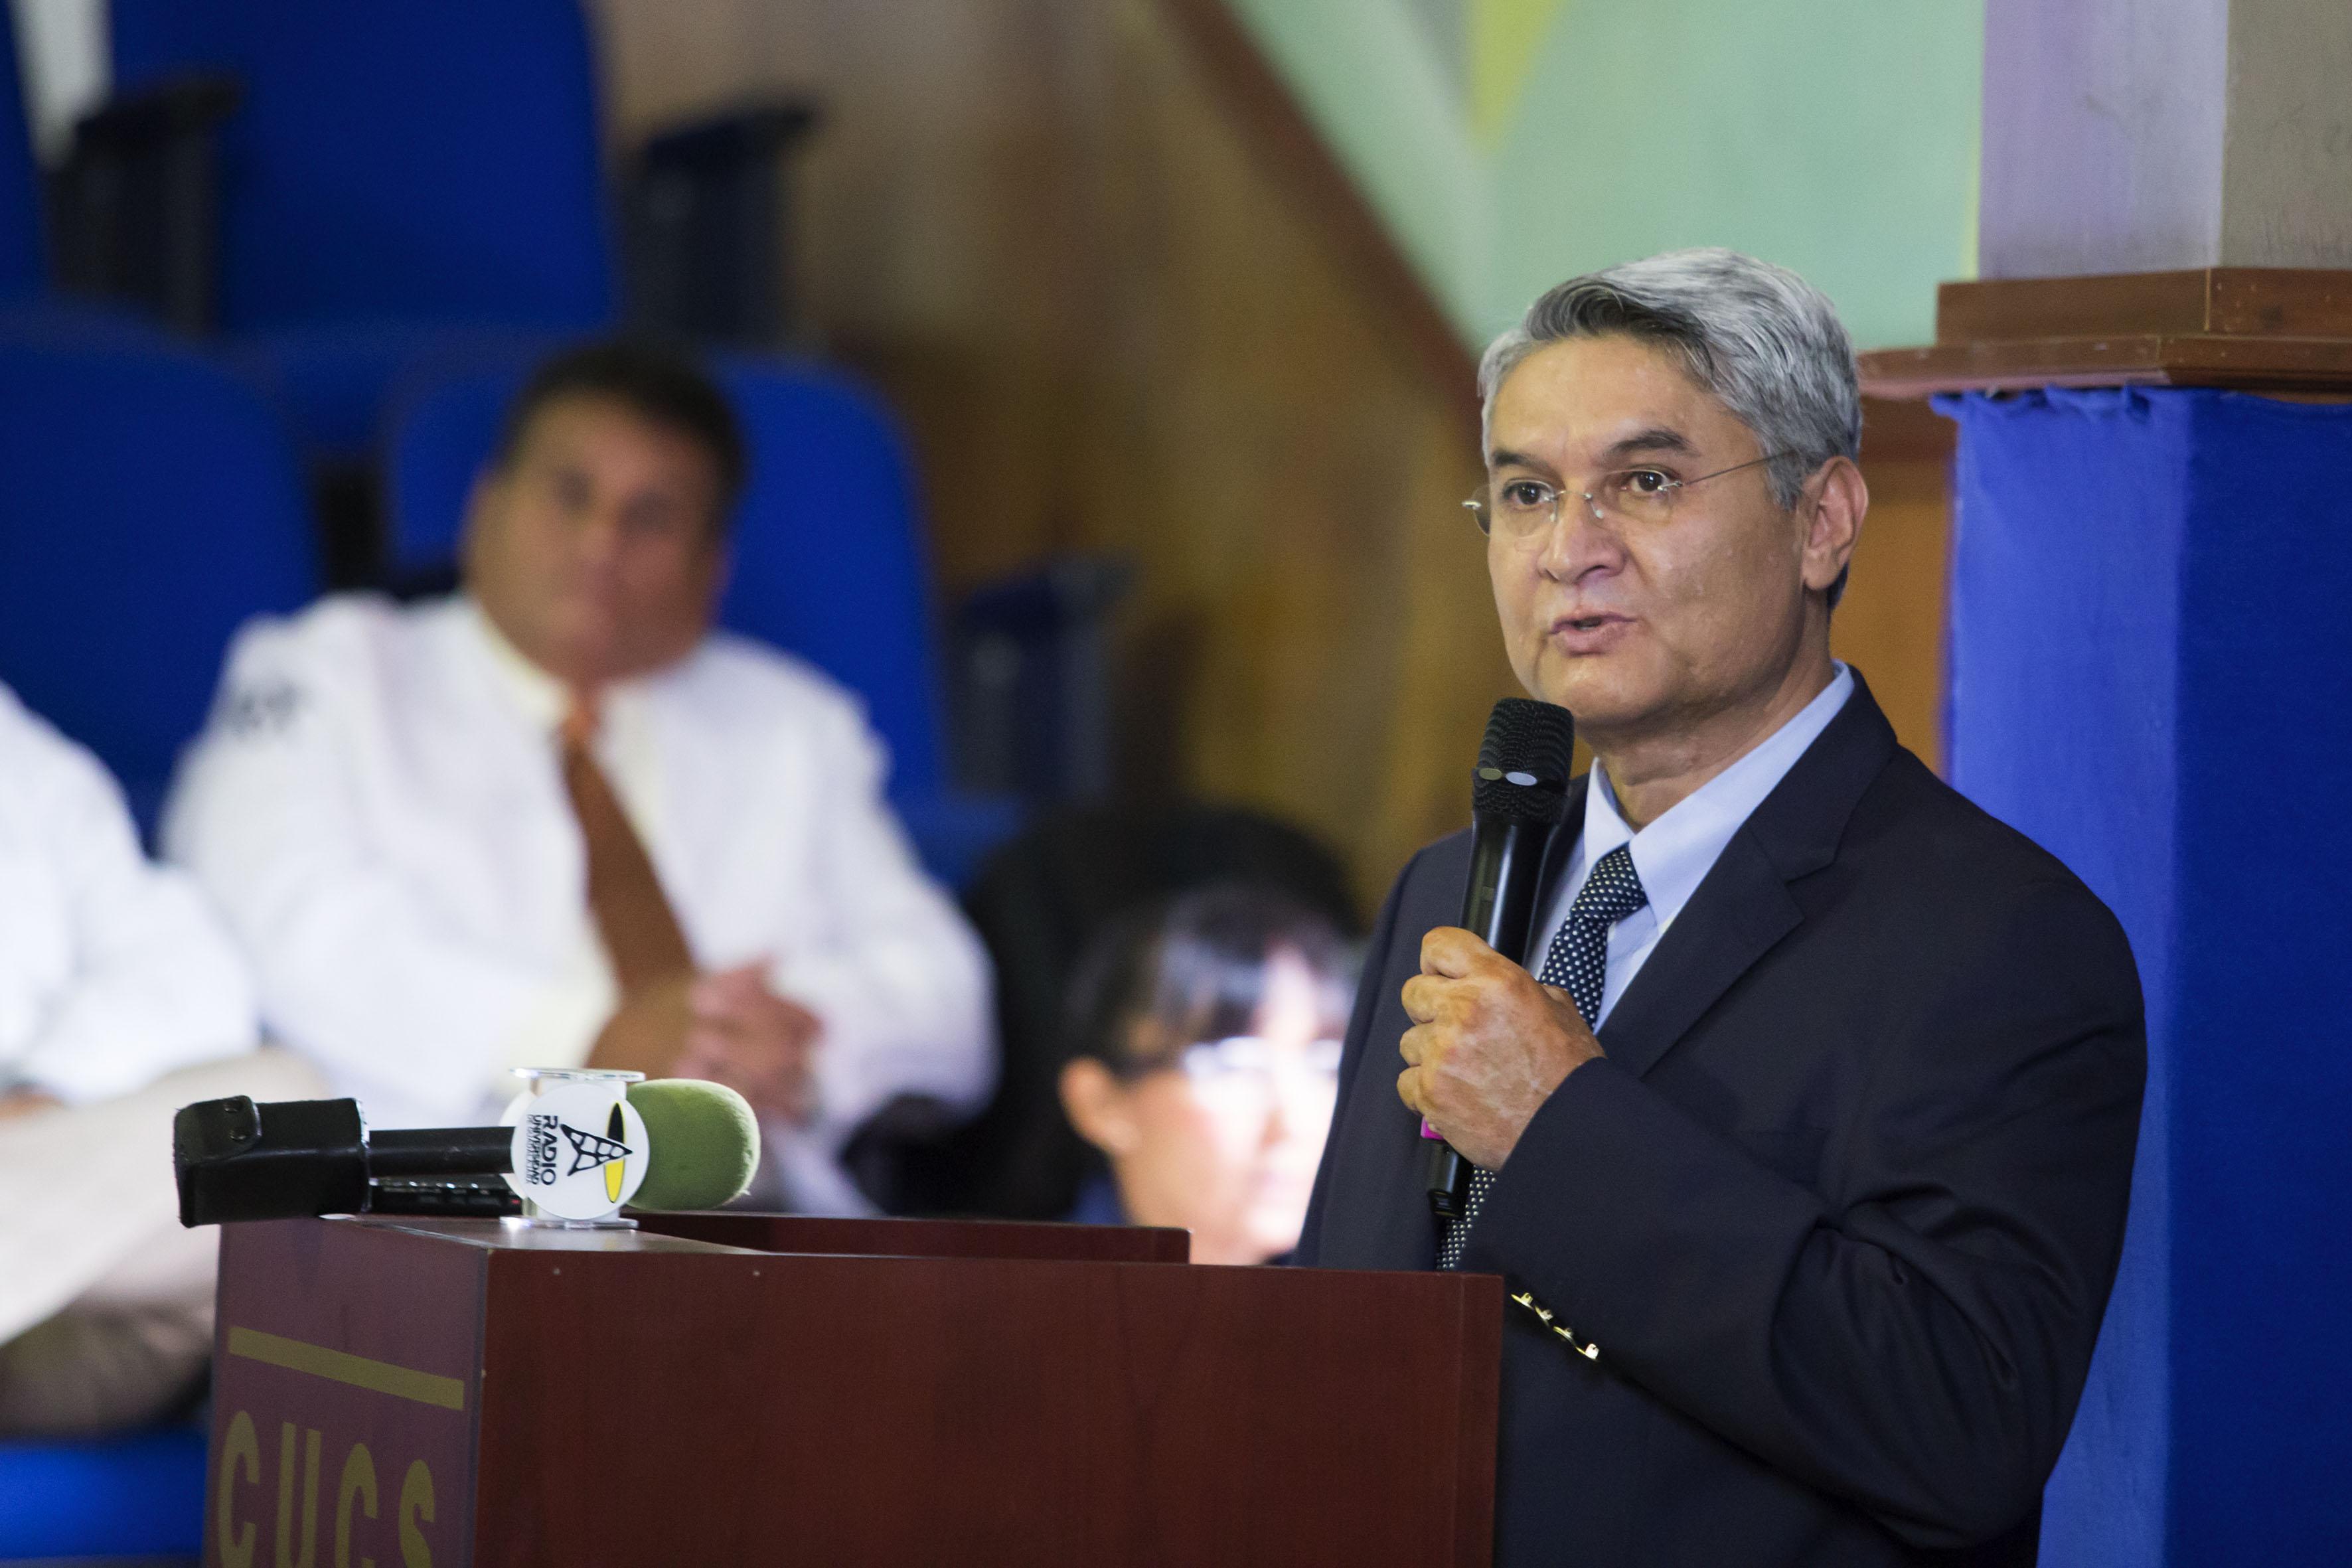 Dr. Rodrigo Ramos Zúñiga, jefe del Departamento de Neurociencias del CUCS haciendo uso de la palabra